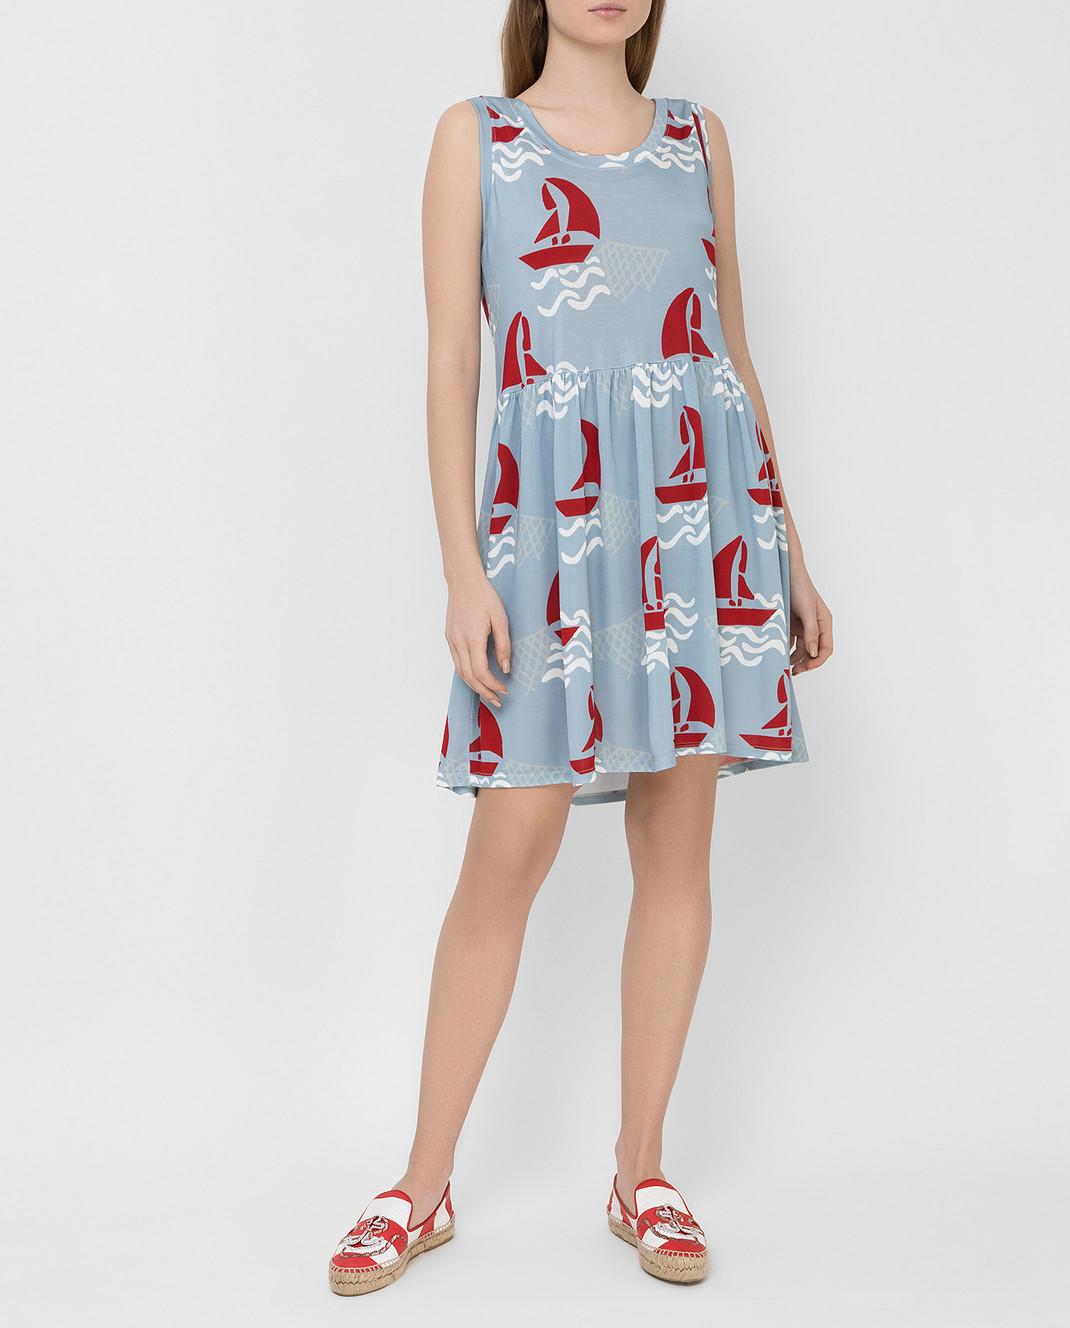 Tak.Ori Голубое платье DR010 изображение 2